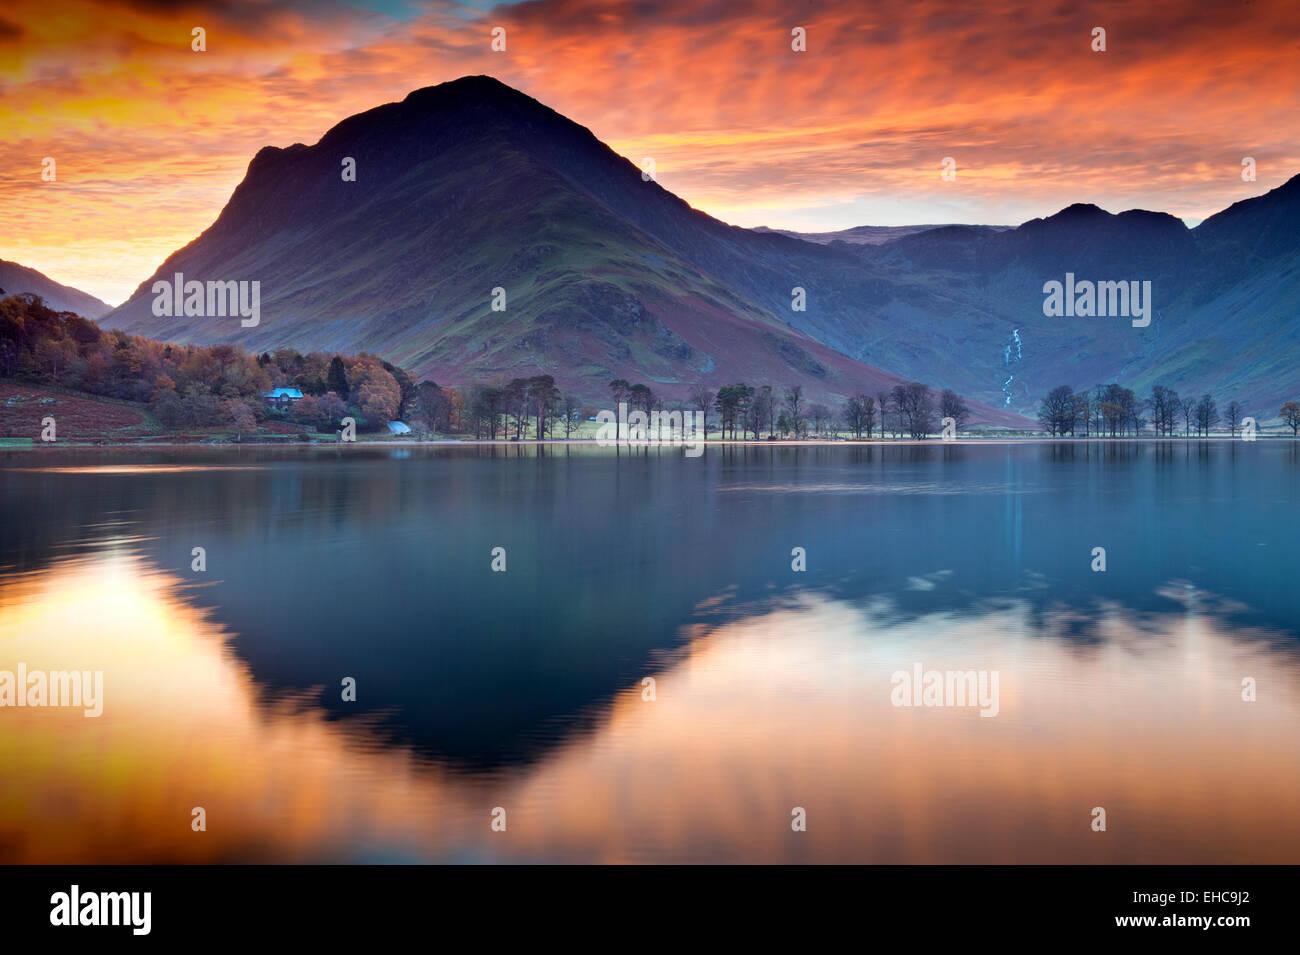 Lever de soleil spectaculaire sur la Lande & Fleetwith Pike, Parc National de Lake District, Cumbria, England, Photo Stock